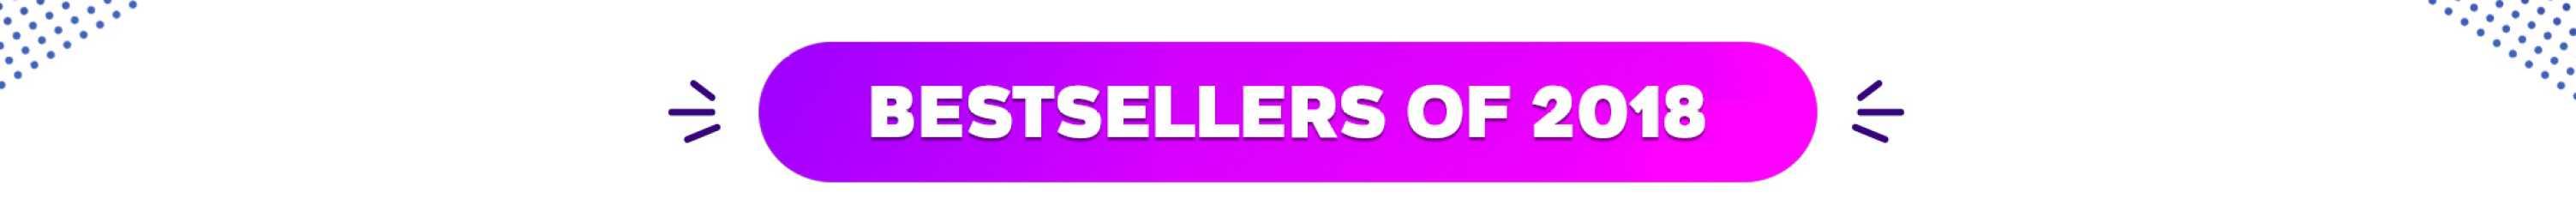 MBS18-Bestsellers-1 BS